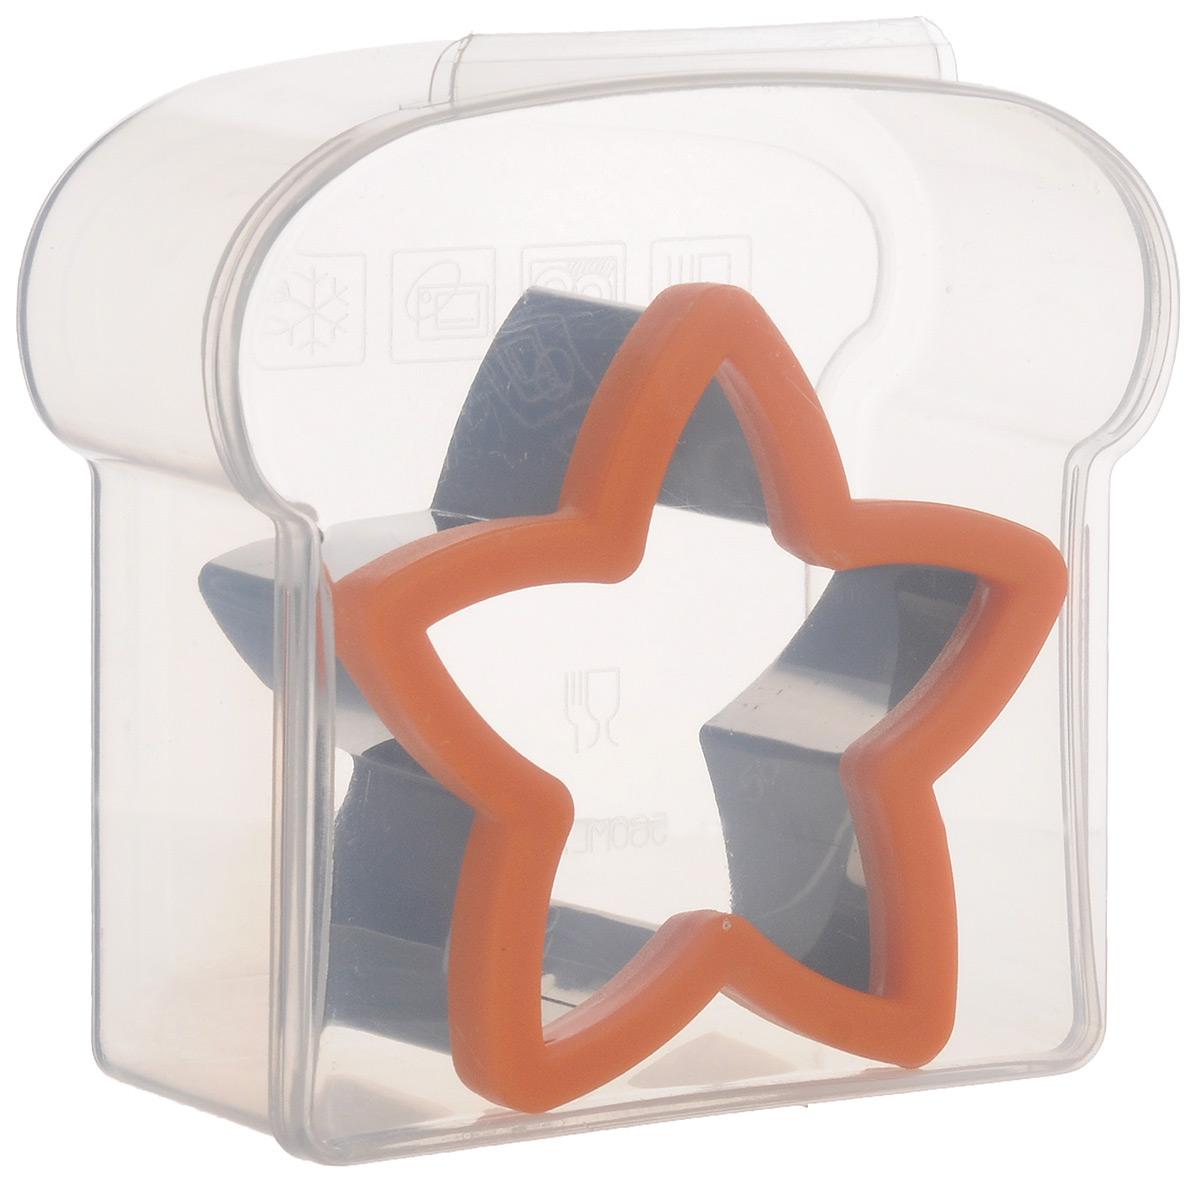 Форма для сэндвича Mayer & Boch Звезда, с контейнером24002Форма для сэндвича Mayer & Boch Звезда изготовлена из нержавеющей стали и пластика. Острая кромка позволяет вырезать фигурки не только из теста, но также из хлеба. Такая форма поможет создавать сэндвичи оригинальной формы и радовать удивительным оформлением всю вашу семью. В комплекте - пластиковый контейнер с герметичной крышкой в форме сэндвича для хранения бутербродов. Можно мыть в посудомоечной машине, не использовать в микроволновой печи. Размеры формы: 10,5 см х 10,5 см х 4,5 см. Размеры контейнера: 14 см х 13,5 см х 5,5 см.